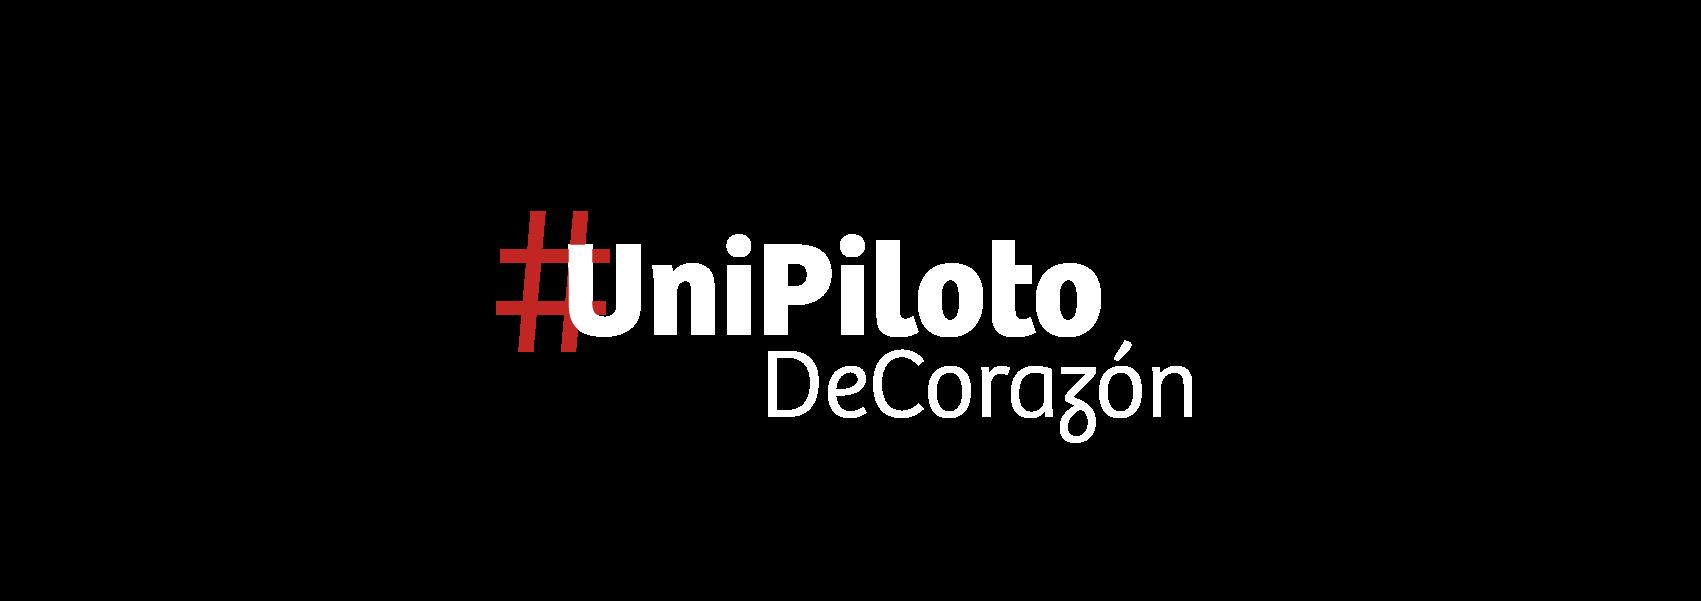 bn-unipiloto-de-corazon-reintegros-21-20